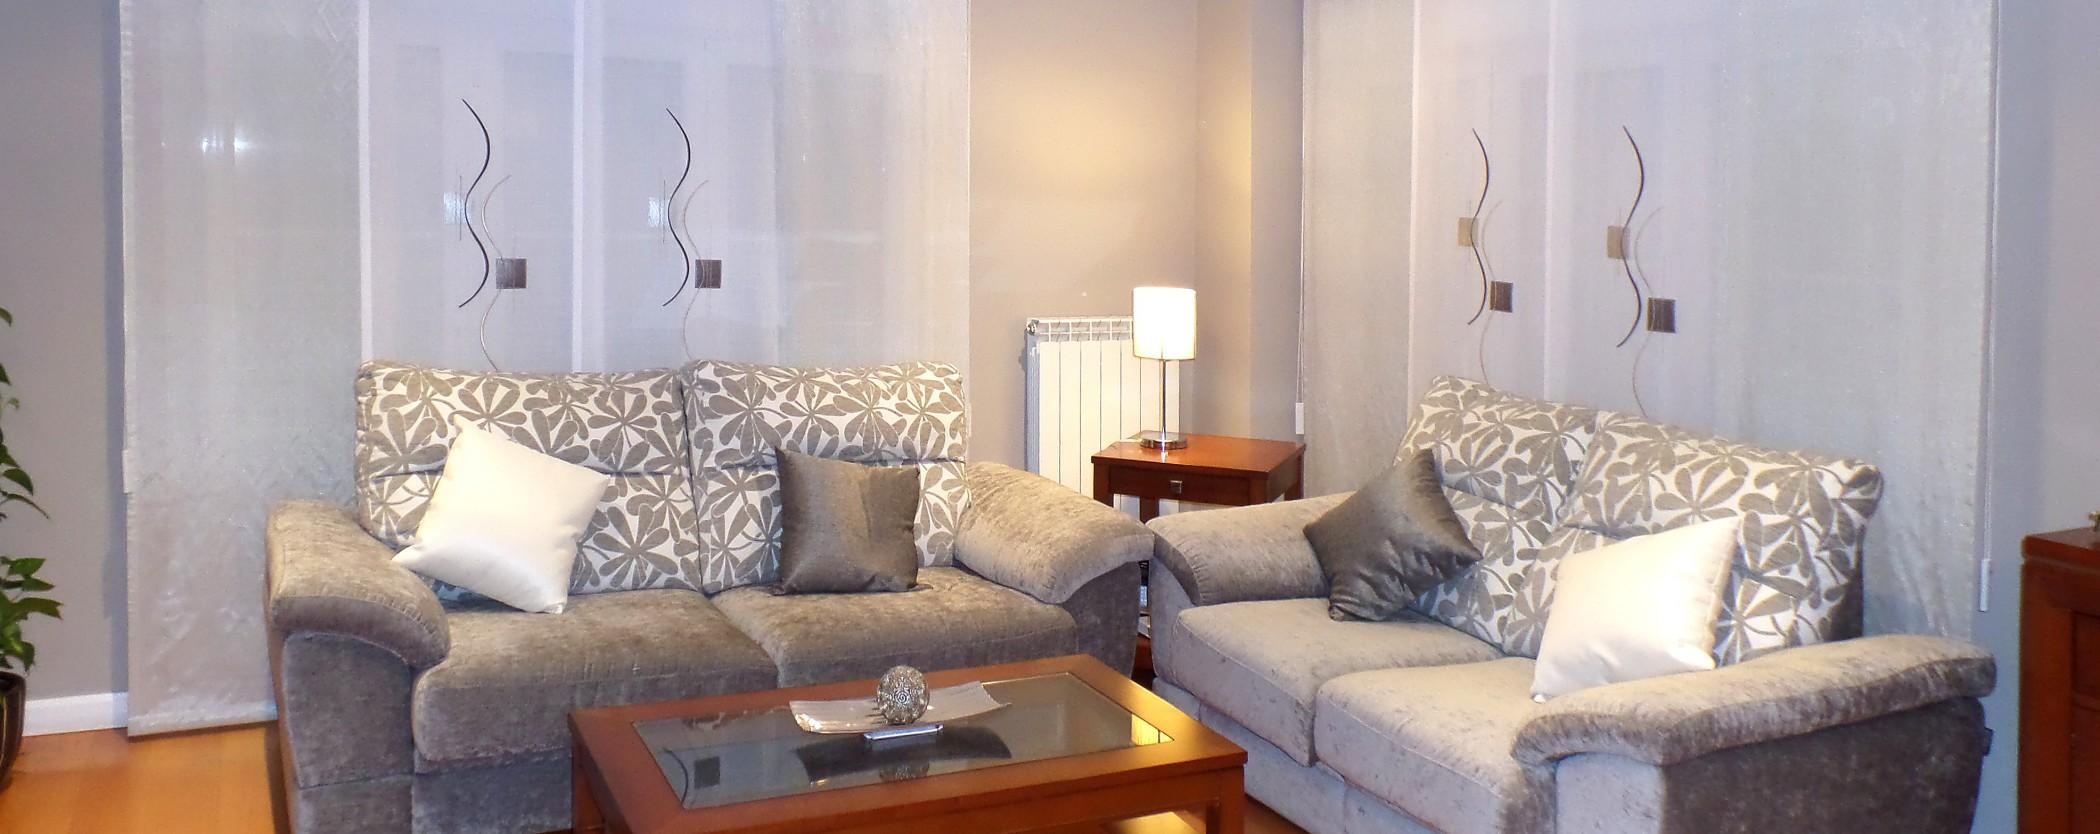 Paneles japoneses salon cortinas modernas la dama - Cortinas para salon estilo moderno ...